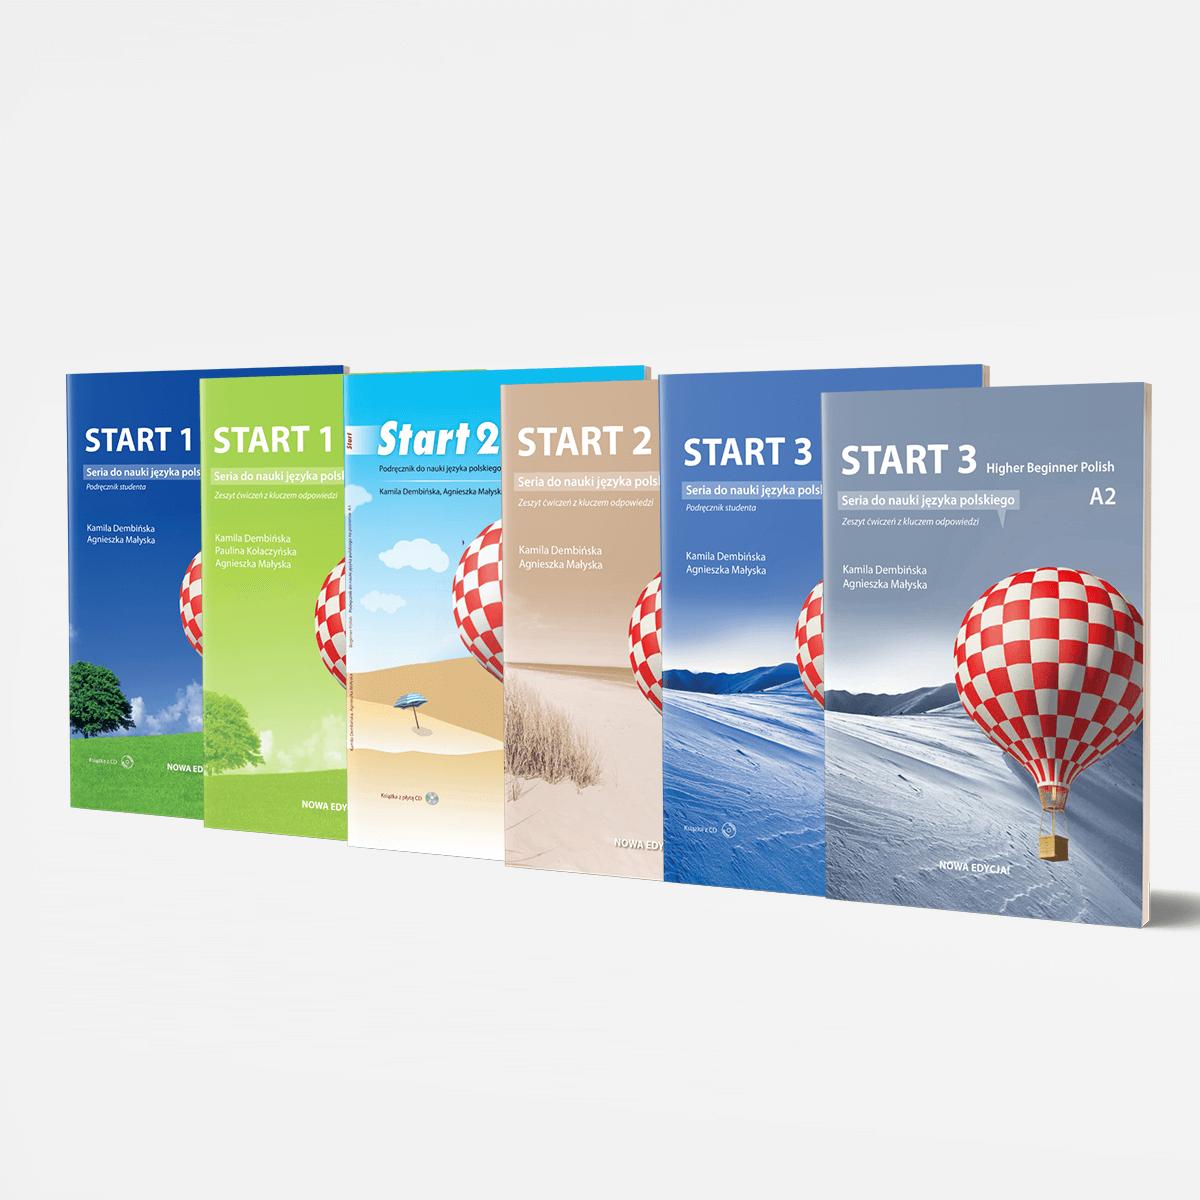 Zestaw START 1, 2 i 3 (podręczniki, ćwiczenia oraz zeszyty lektora)